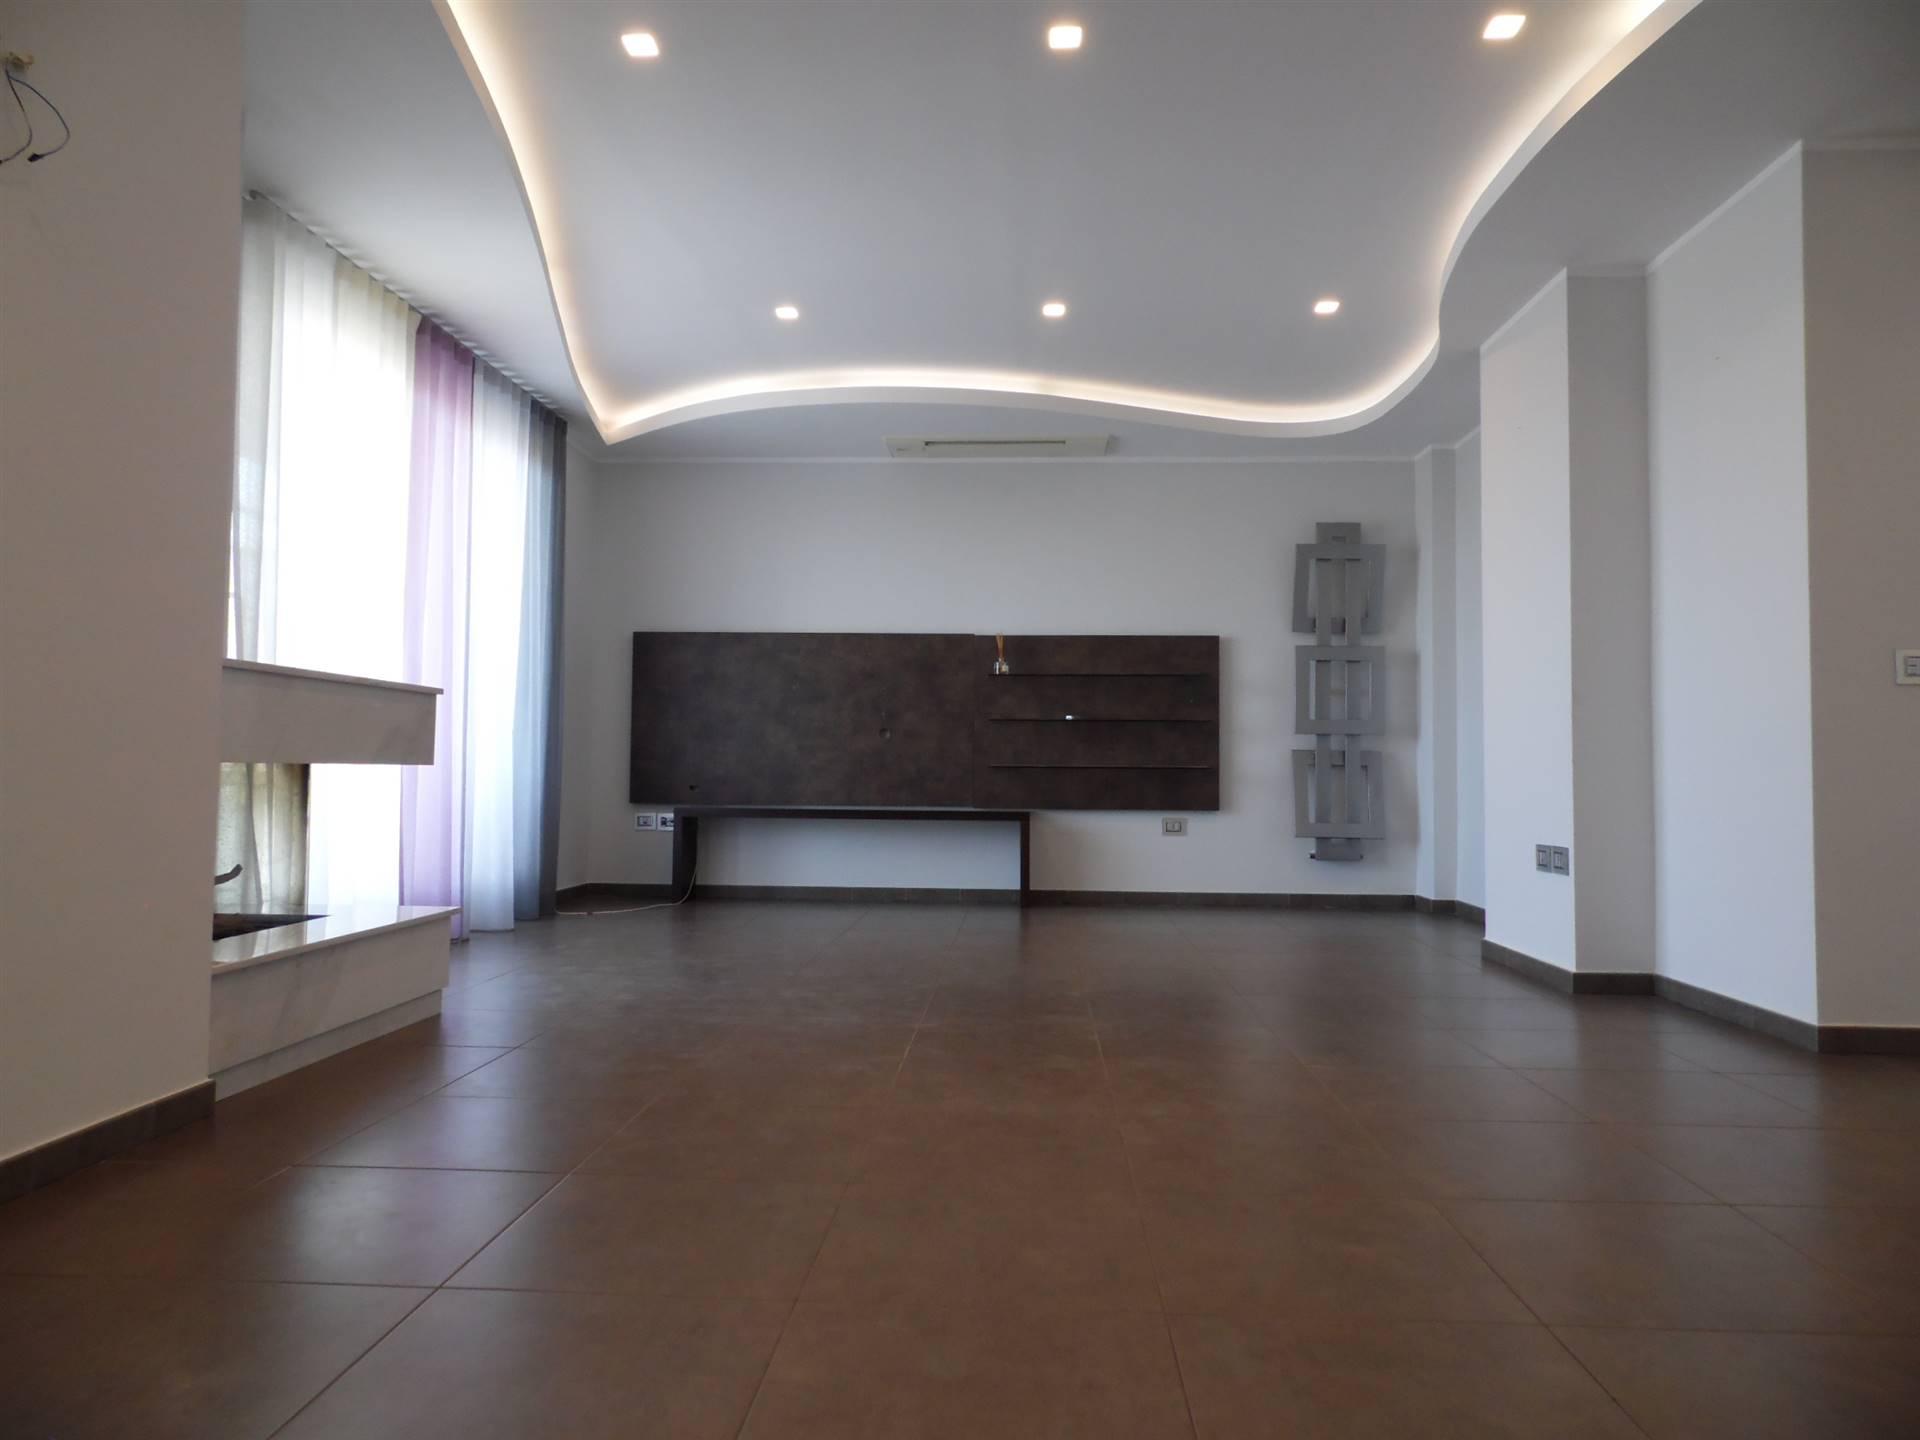 EUROPA / DE GASPERI, SALERNO, Appartamento in vendita di 125 Mq, Ristrutturato, Riscaldamento Autonomo, posto al piano 8°, composto da: 4 Vani,